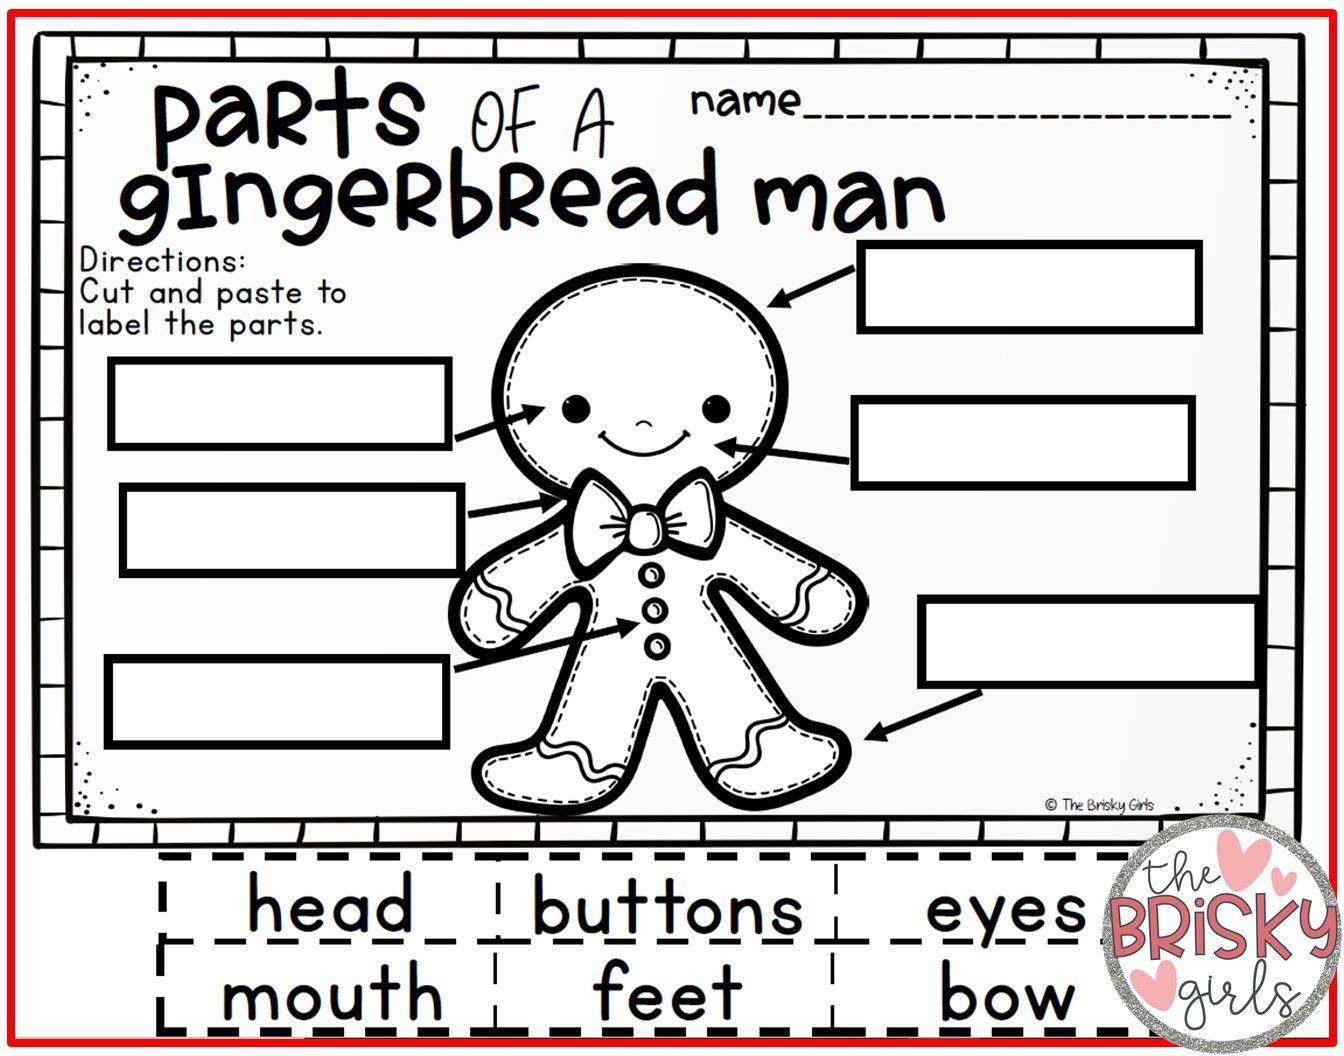 Gingerbread Man Activities Gingerbread Man Packet Gingerbread Man Book Gingerbread M Gingerbread Man Activities Kindergarten Activities Preschool Activities [ 1056 x 1344 Pixel ]